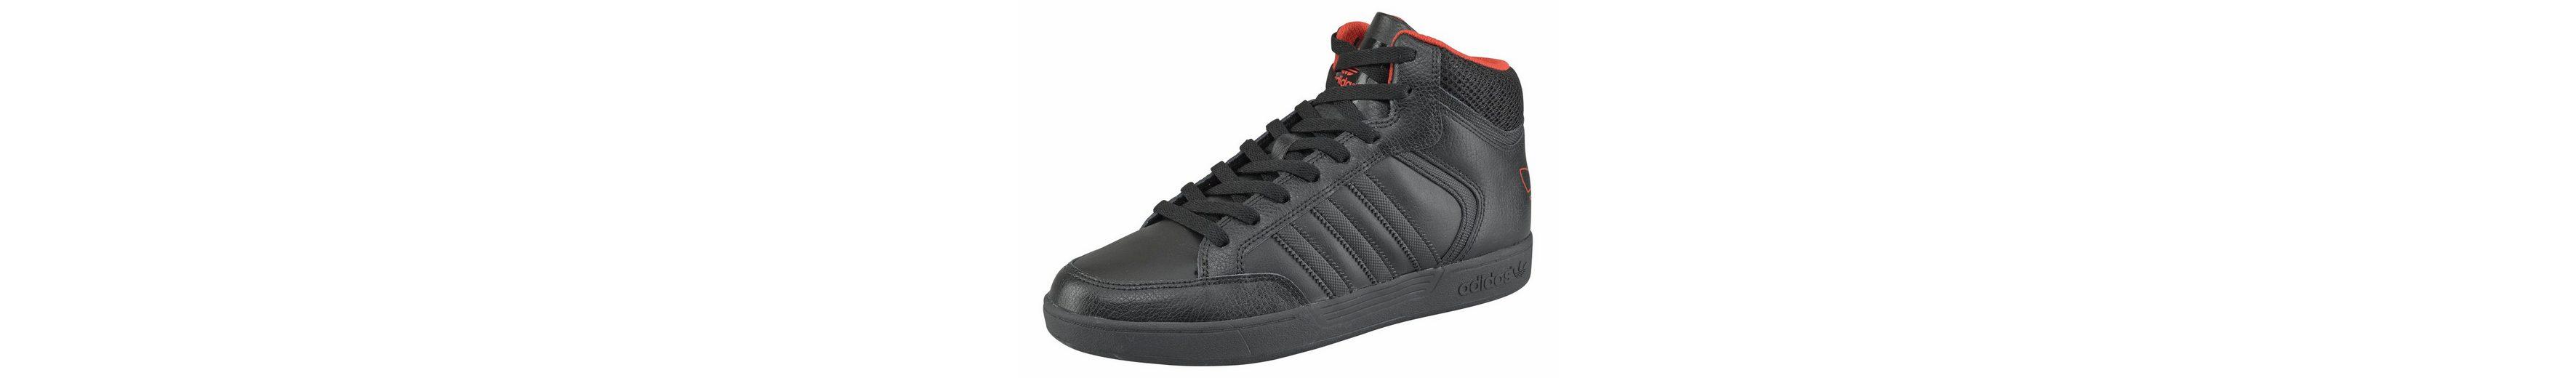 adidas Originals Varial Mid Sneaker Verkauf Besten Platz Erschwinglich Zu Verkaufen vlS19psjh0